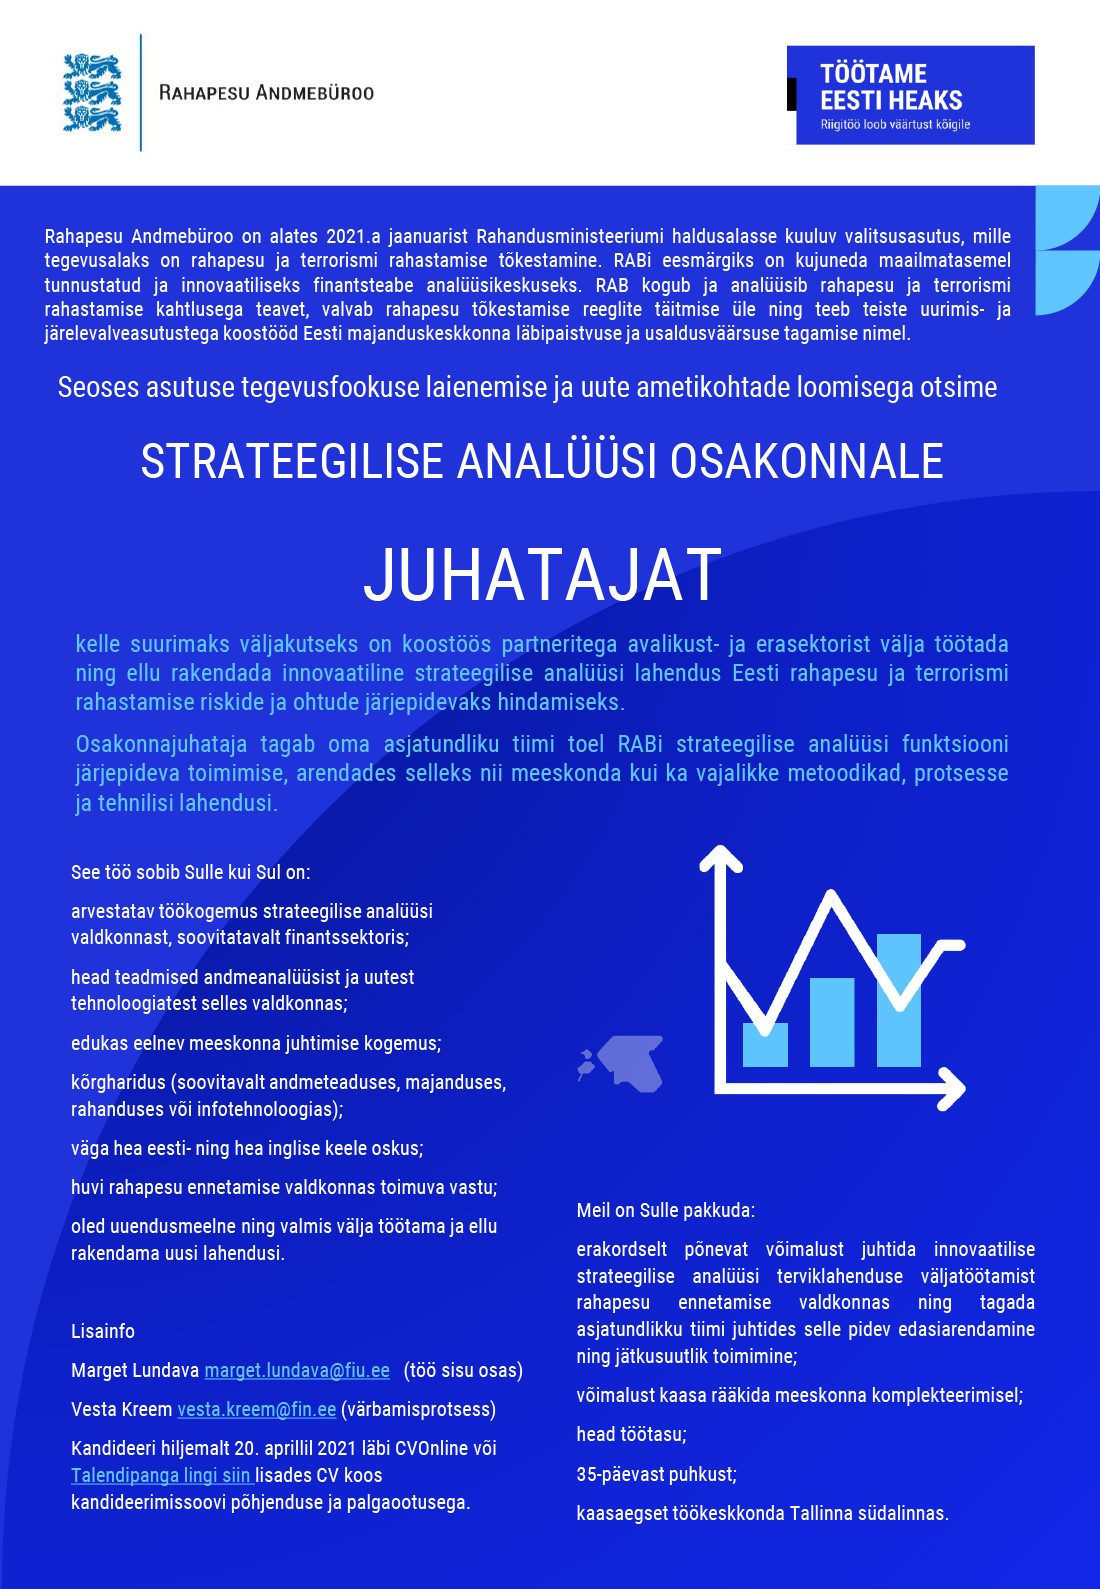 Strateegilise analüüsi osakonna juhataja